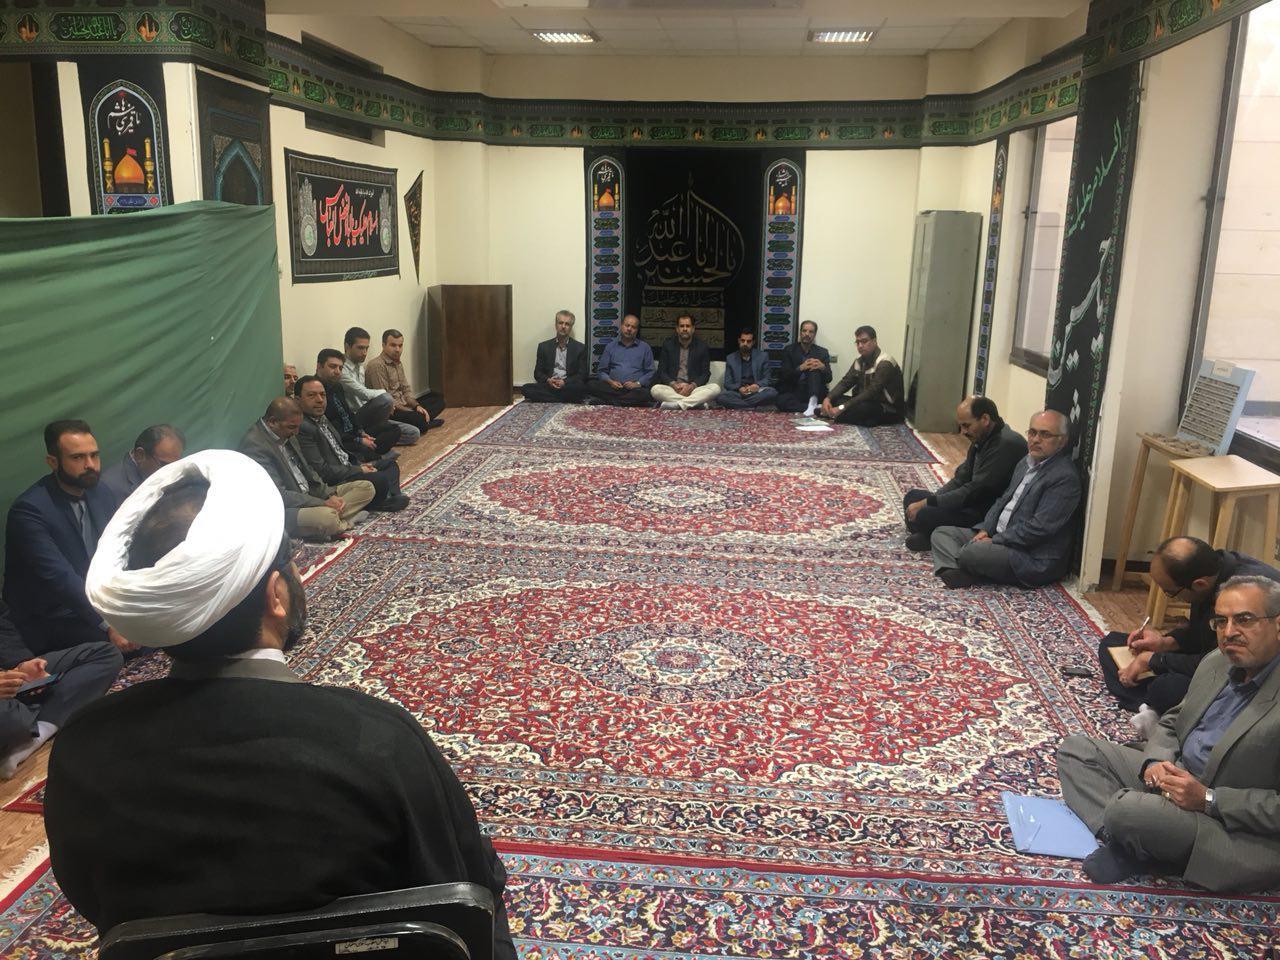 #جلسه برگزاری جلسه هفتگی کلاس تفسیر سوره حجرات توسط حجت الاسلام و المسلمین هاشمی در محل نمازخانه